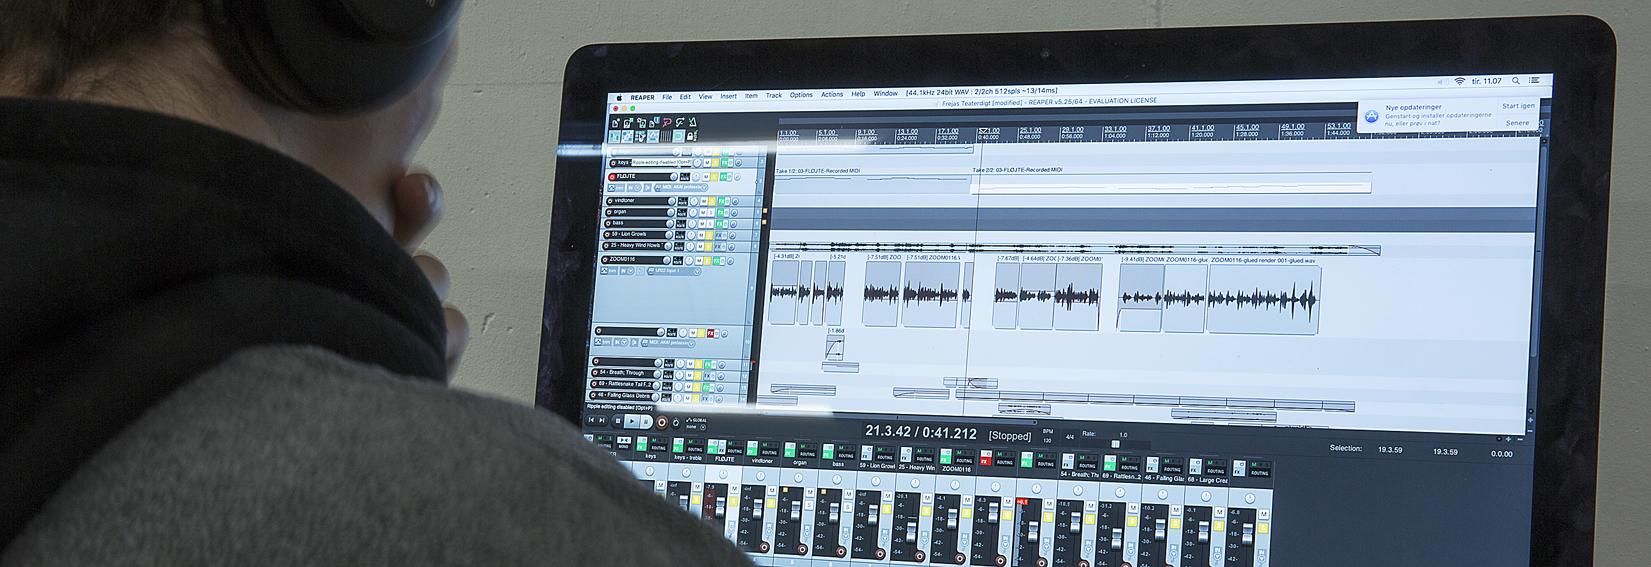 Elektro. musik banner net